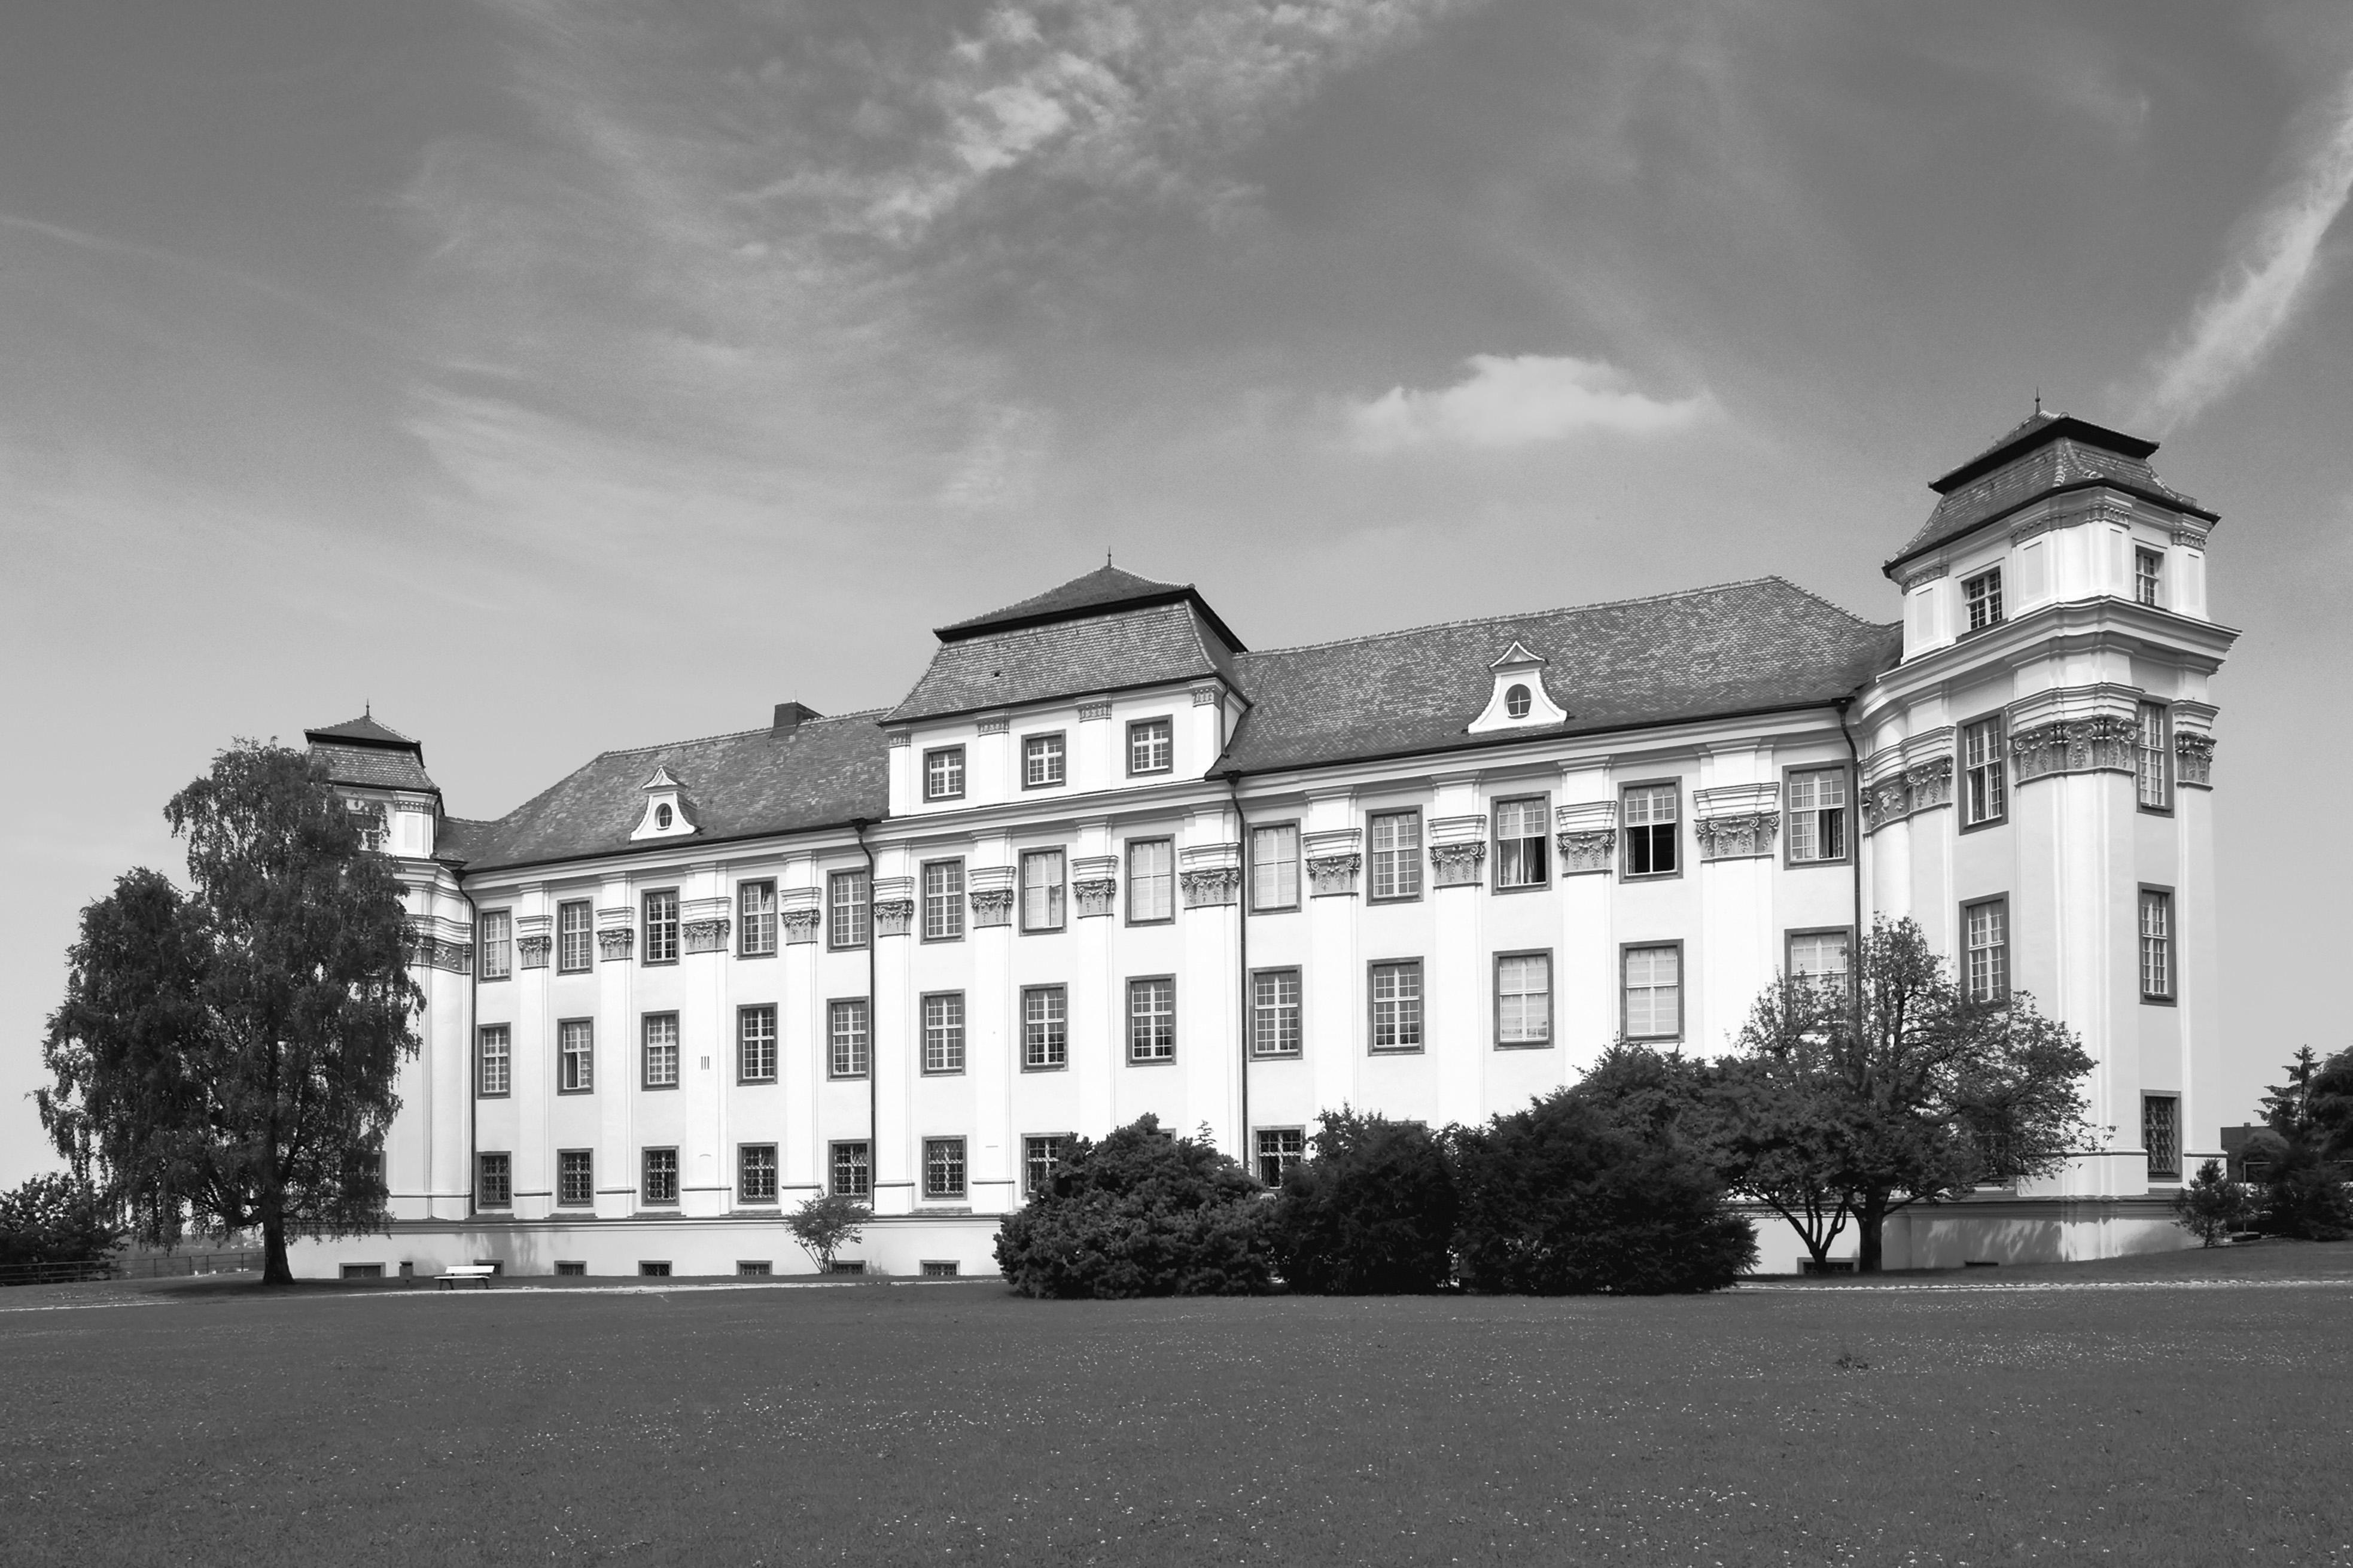 Neues Schloss Tettnang, Außenansicht